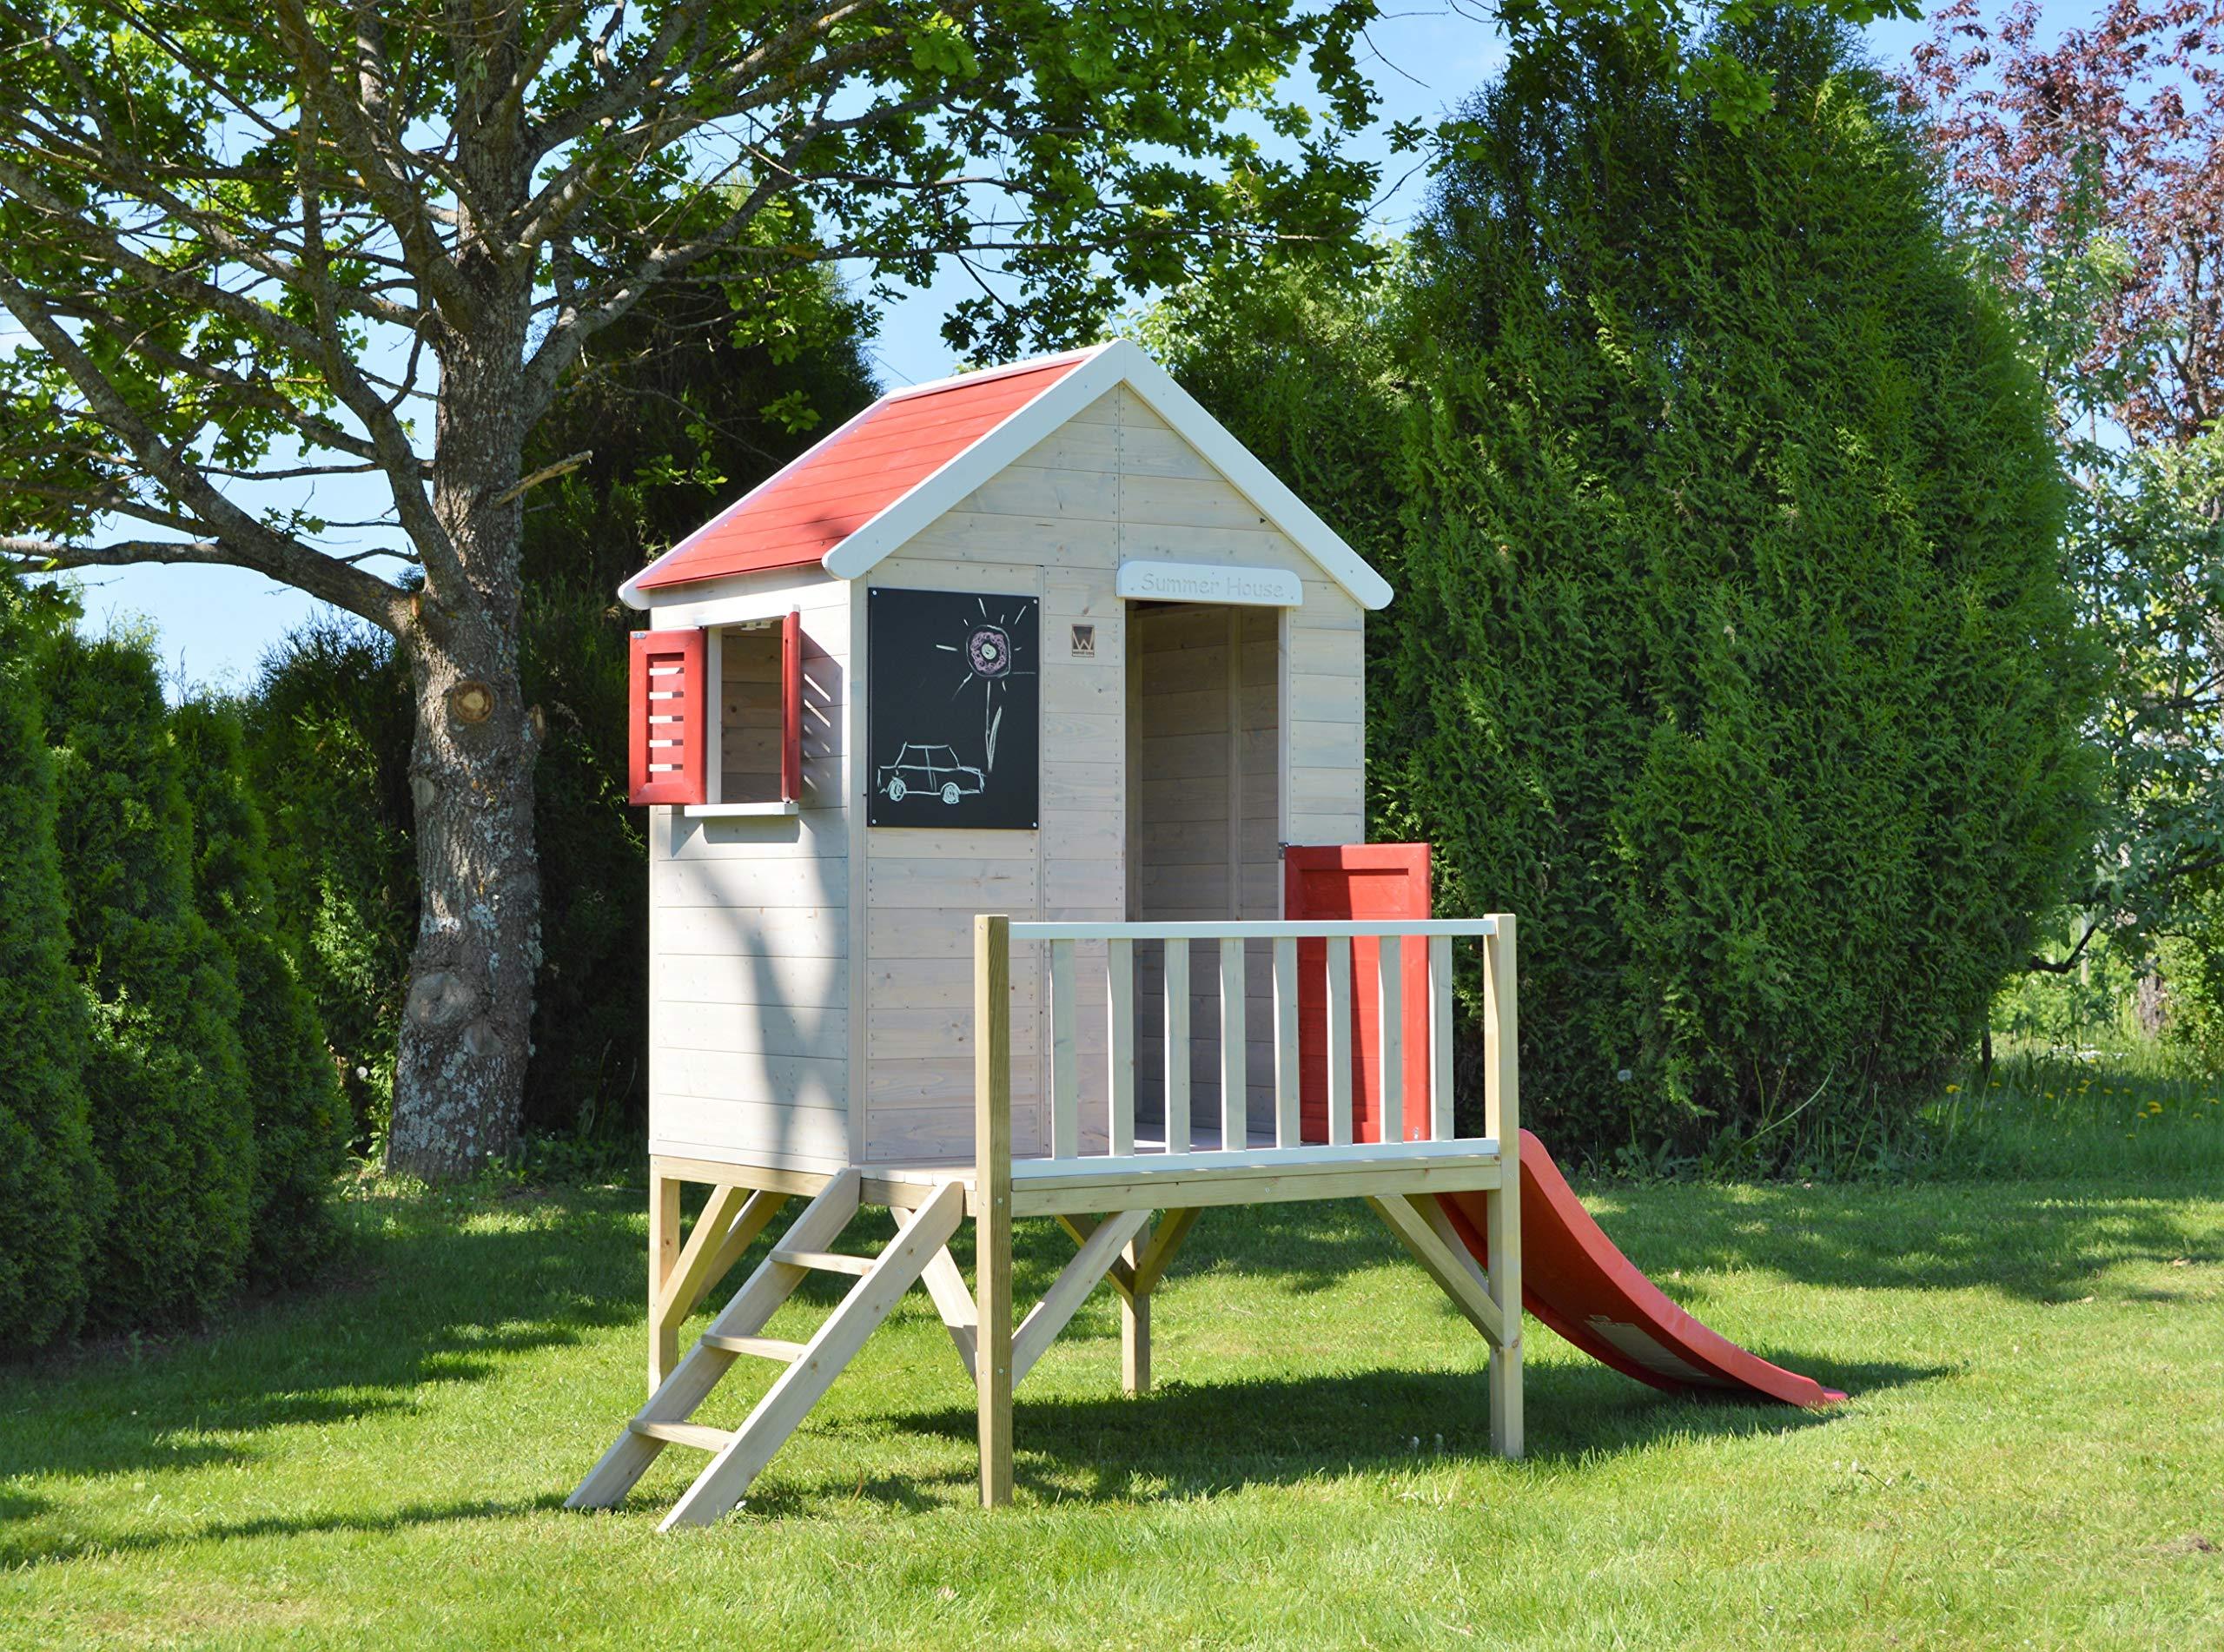 Casette Per Bambini In Legno : Casetta per bambini in legno su piattaforma per esterno giardino